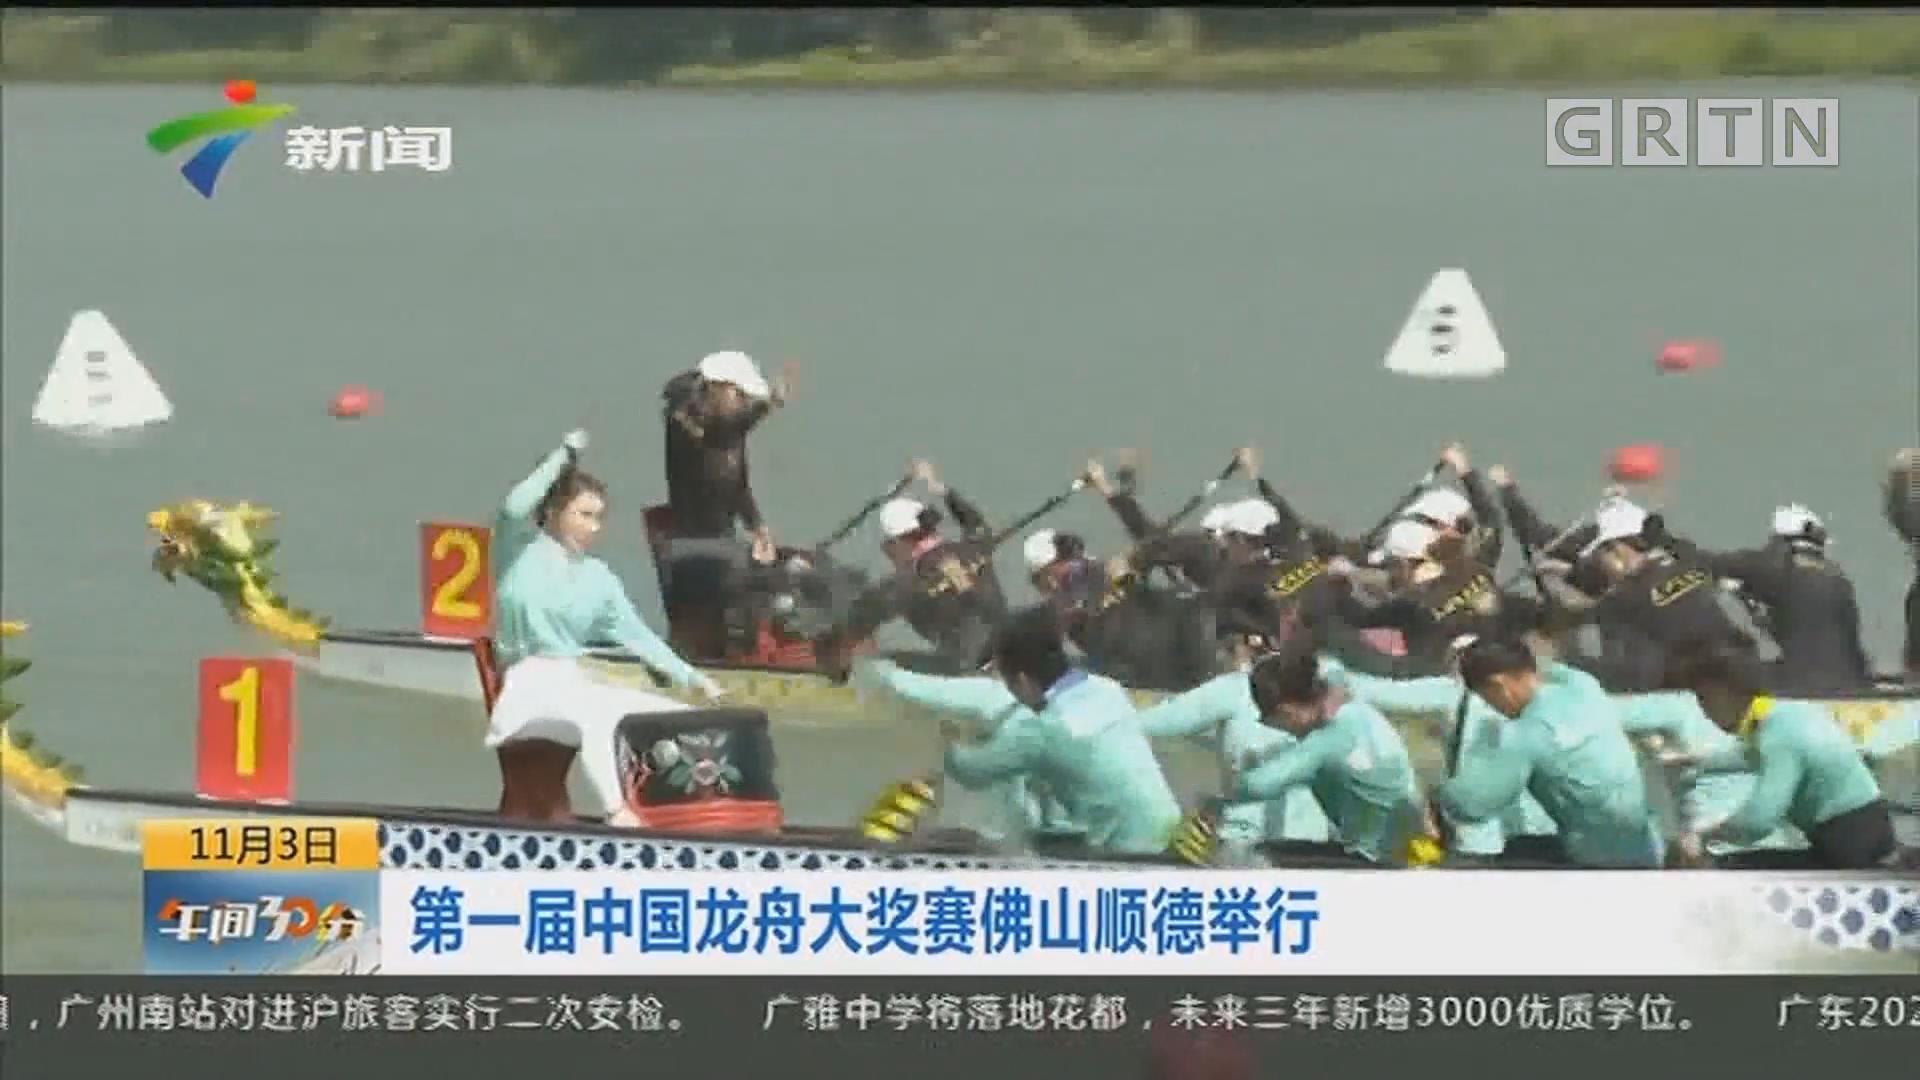 第一届中国龙舟大赛佛山顺德举行